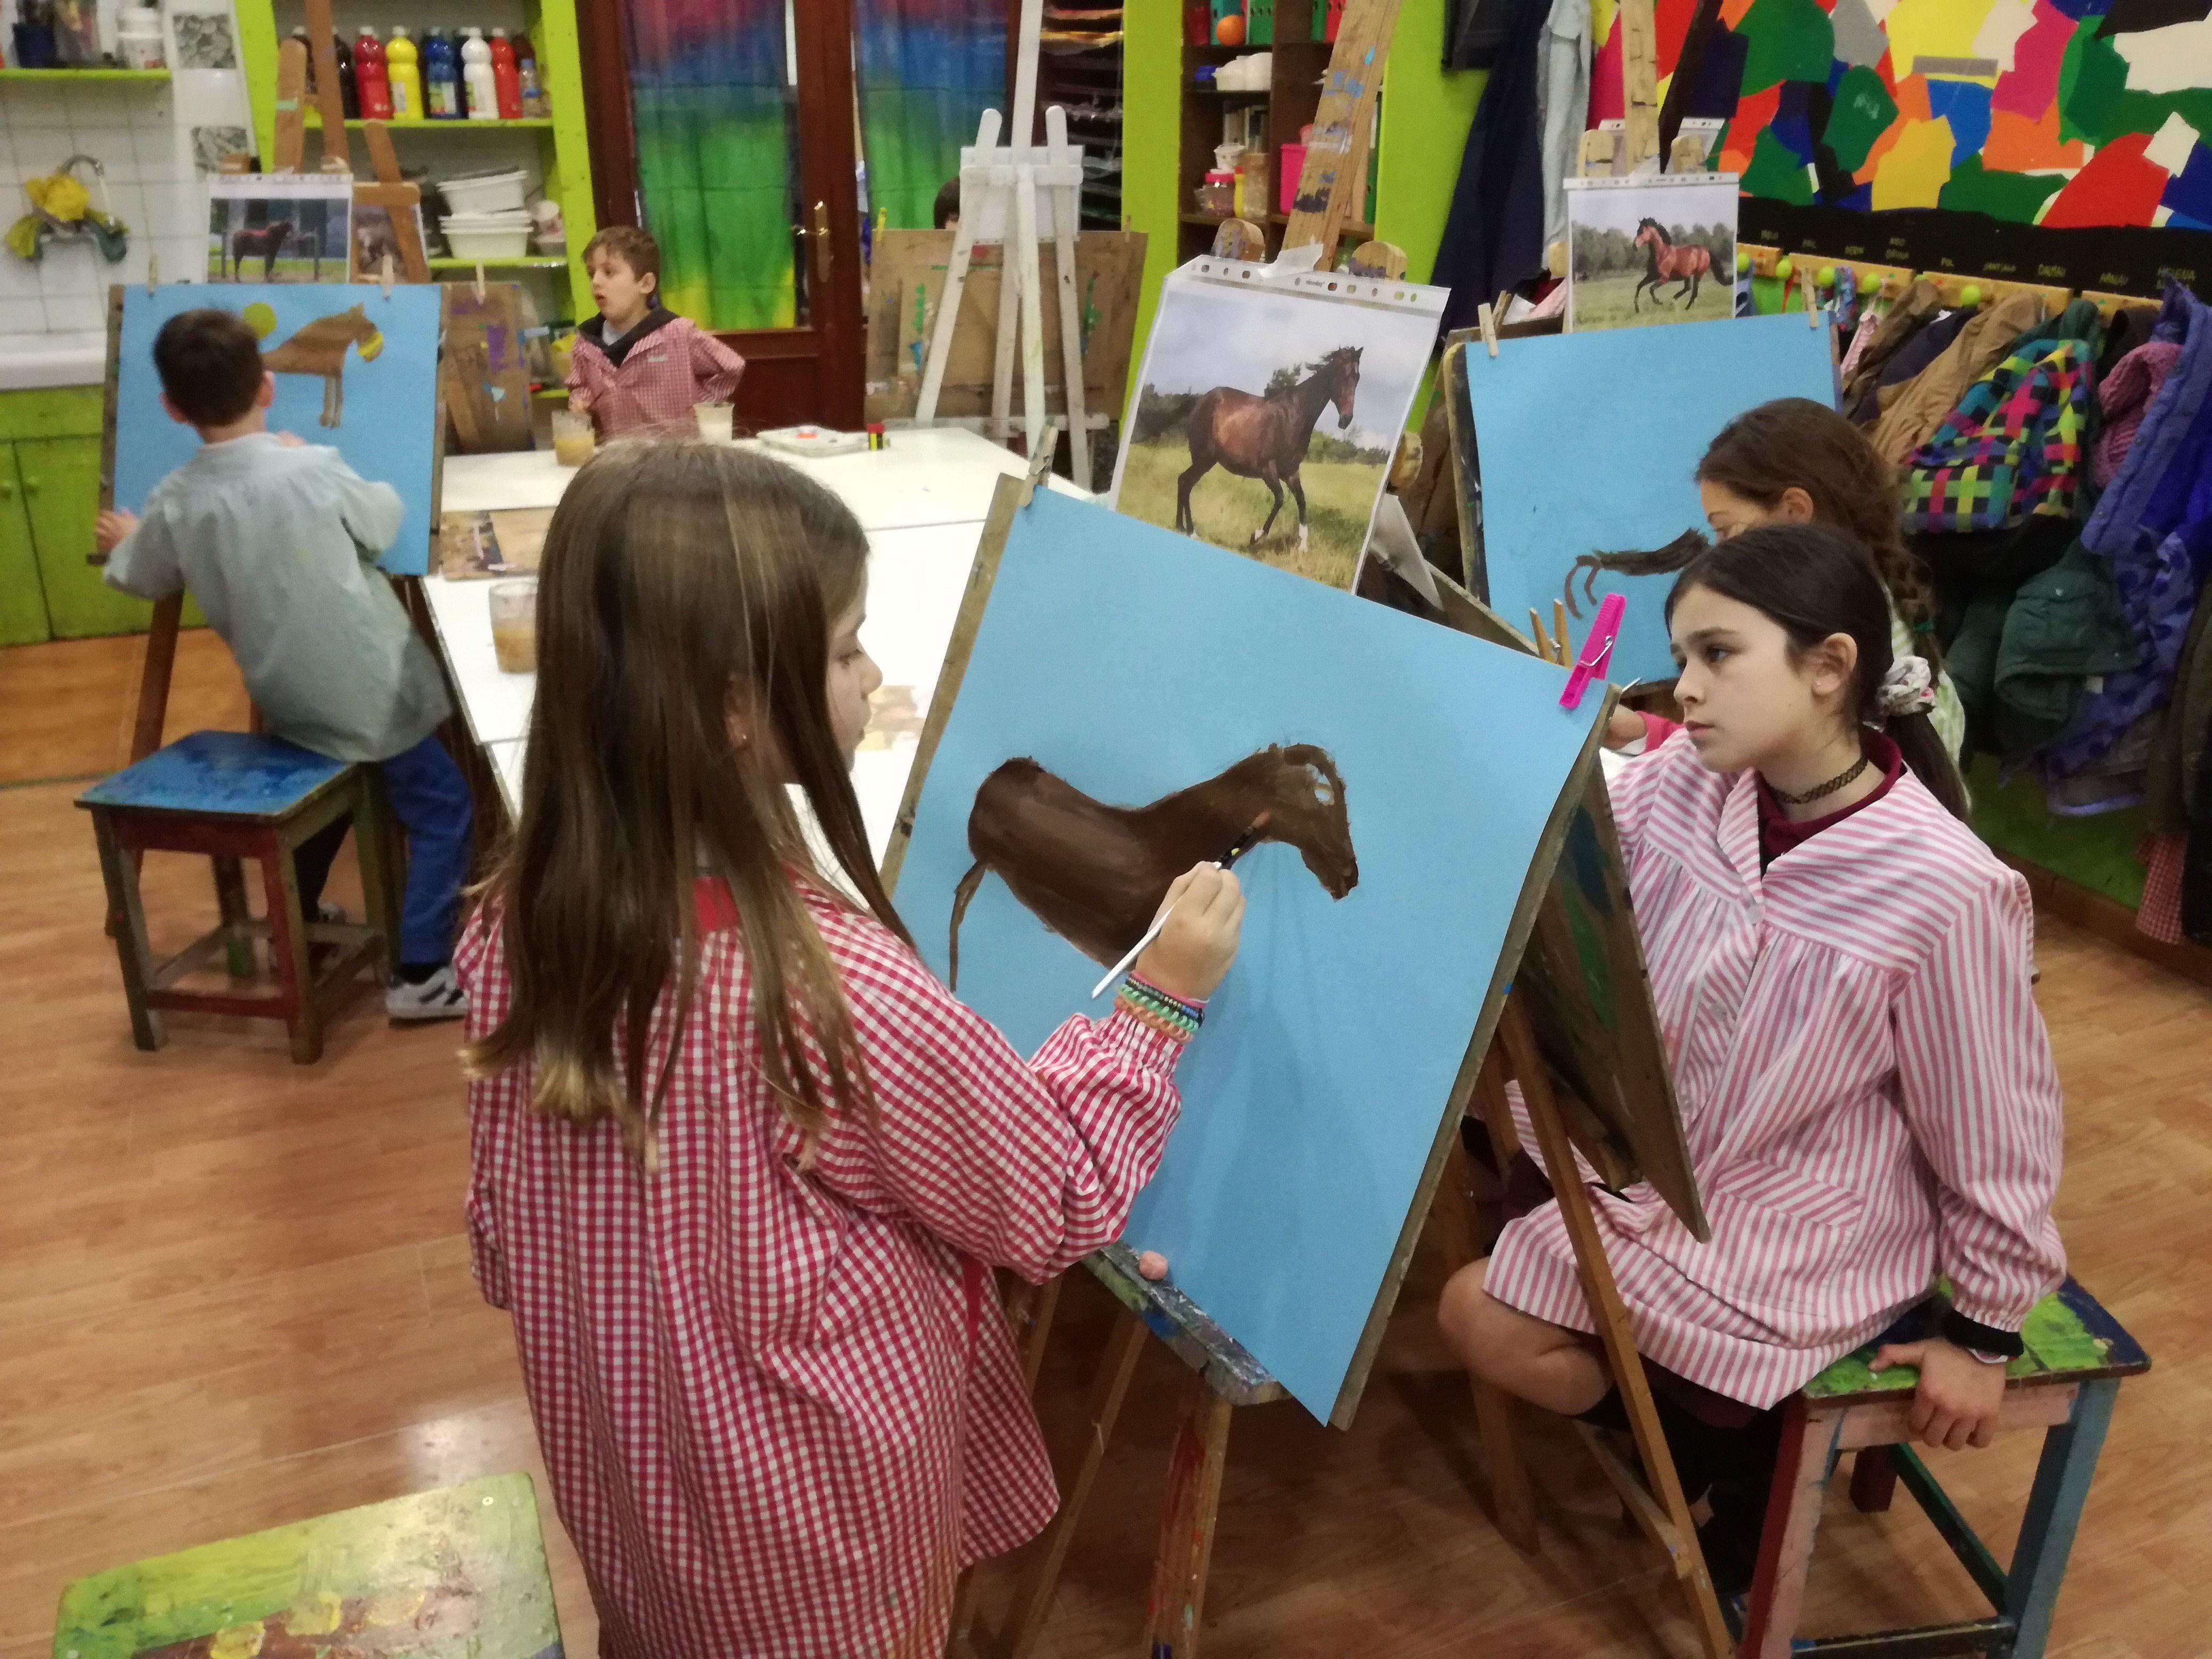 Diverteix-te amb els tallers d'art a Pou d'Art. FOTO: Cedida